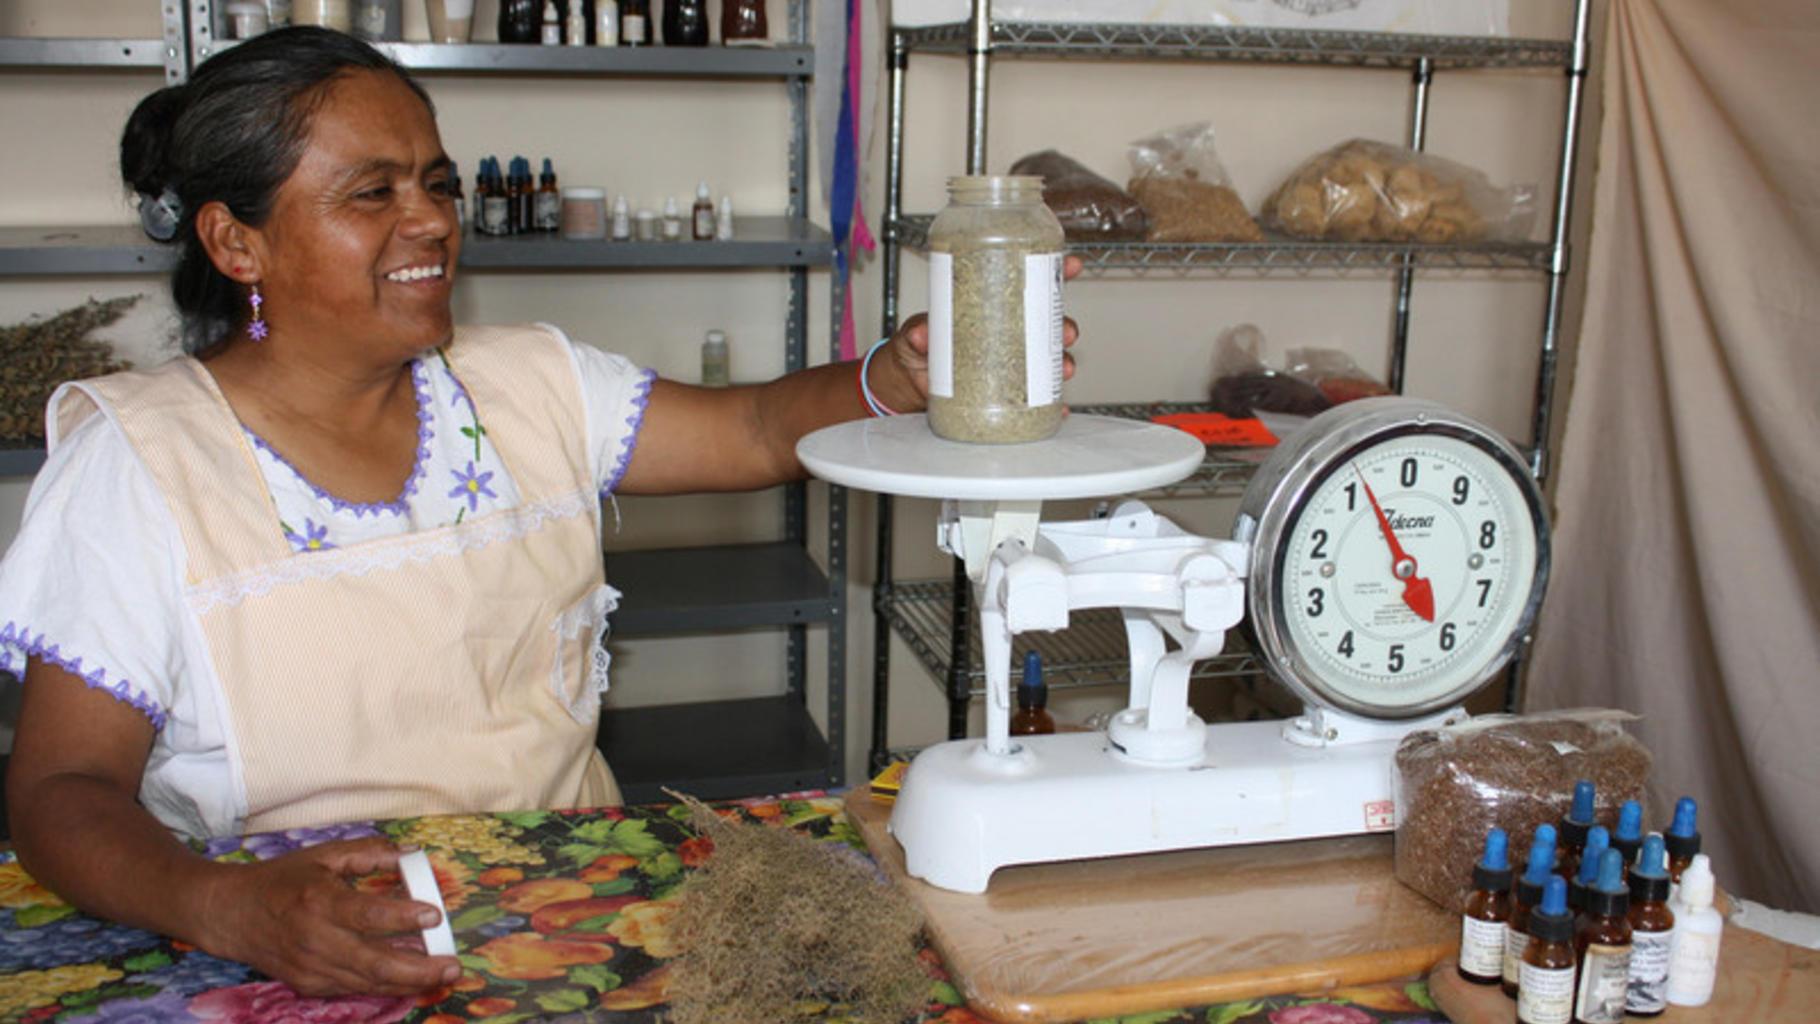 Julia Flores Carrera berichtet von steigenden Preisen - wegen der schlechten Ern